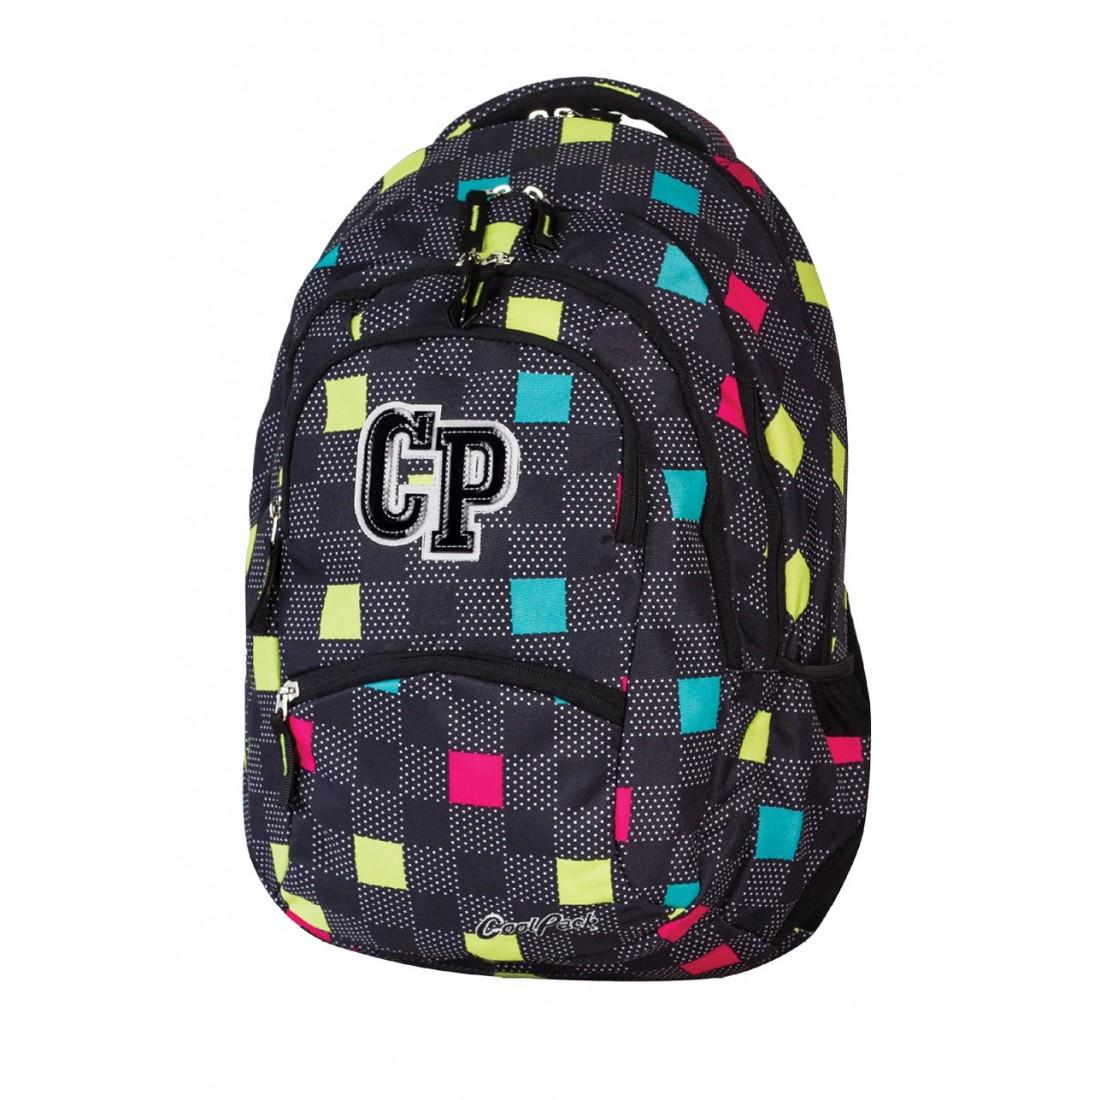 Plecak młodzieżowy CoolPack CP czarny w kwadraciki - 5 przegród COLLEGE COLOUR TILES 469